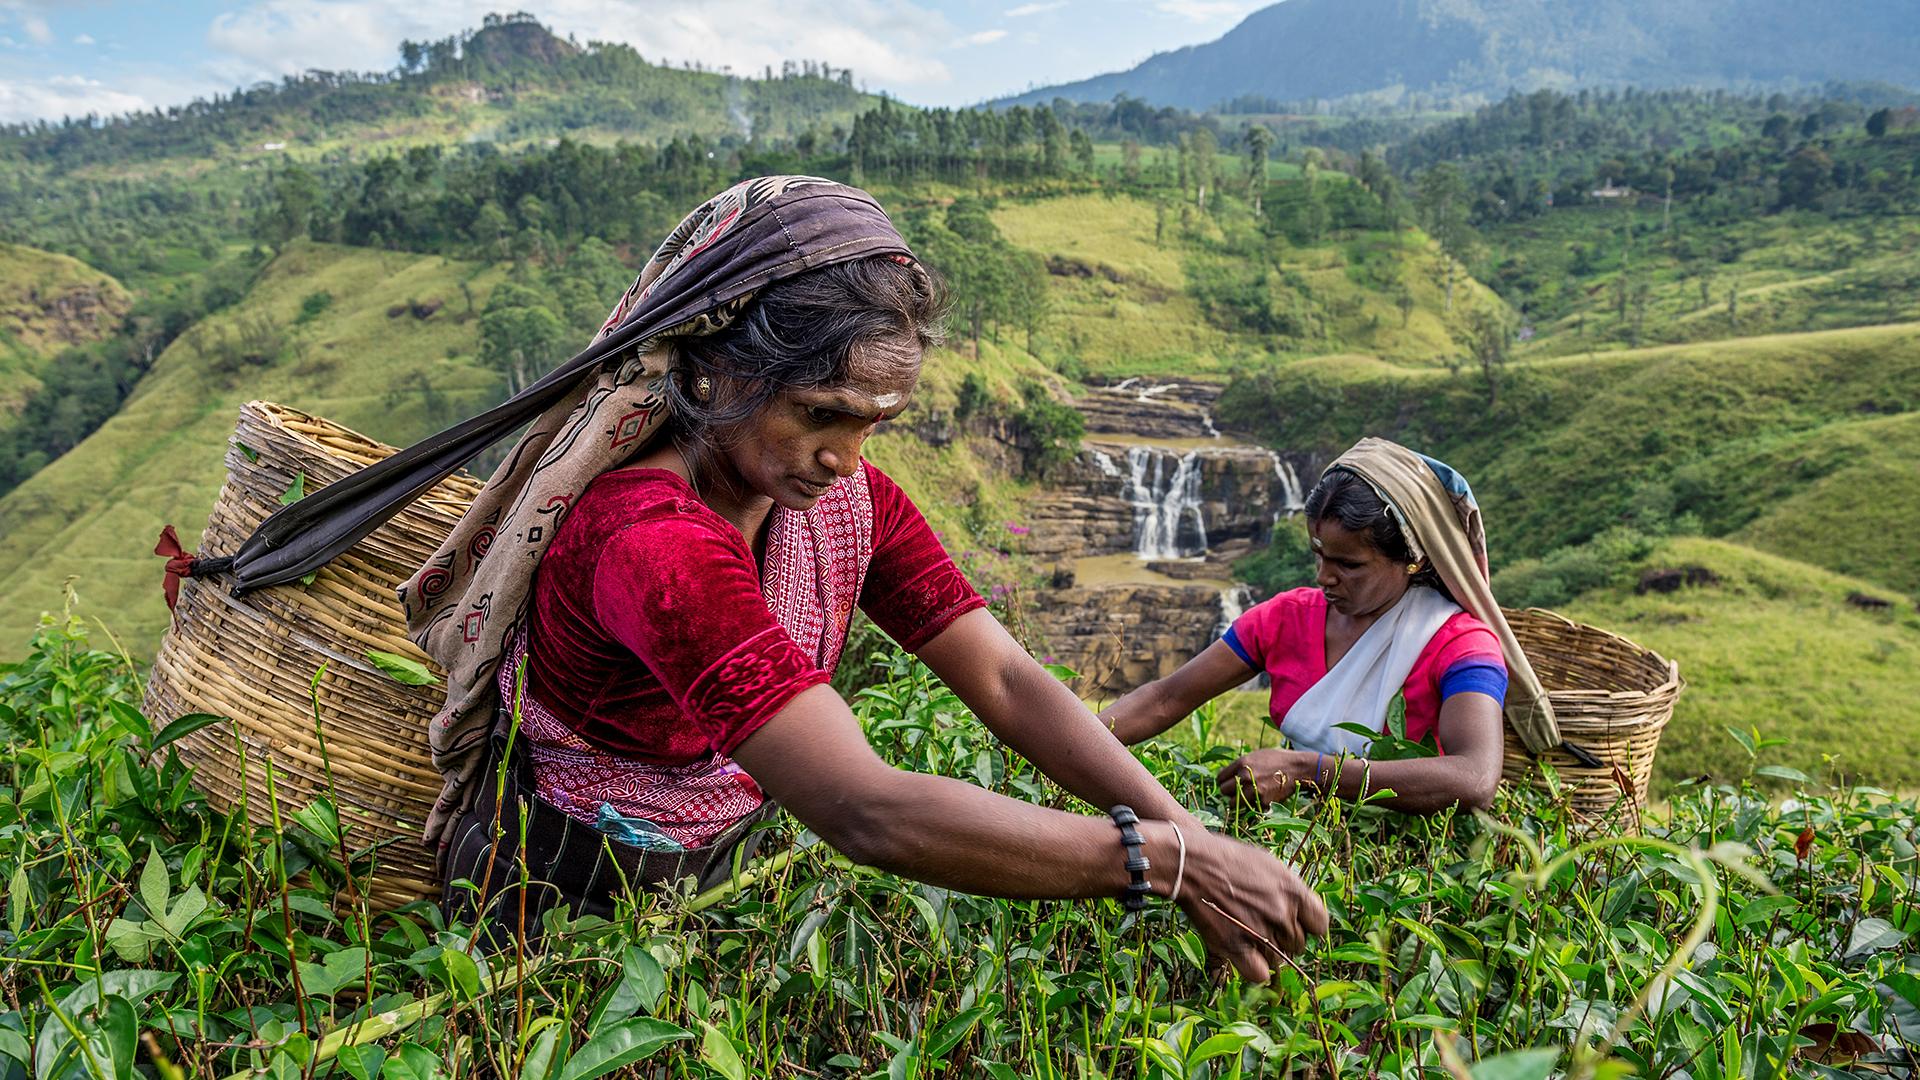 Dos mujeres recogen té en cerca de Saint Clair Falls, en Sri Lanka. Ami Vitale, 2015